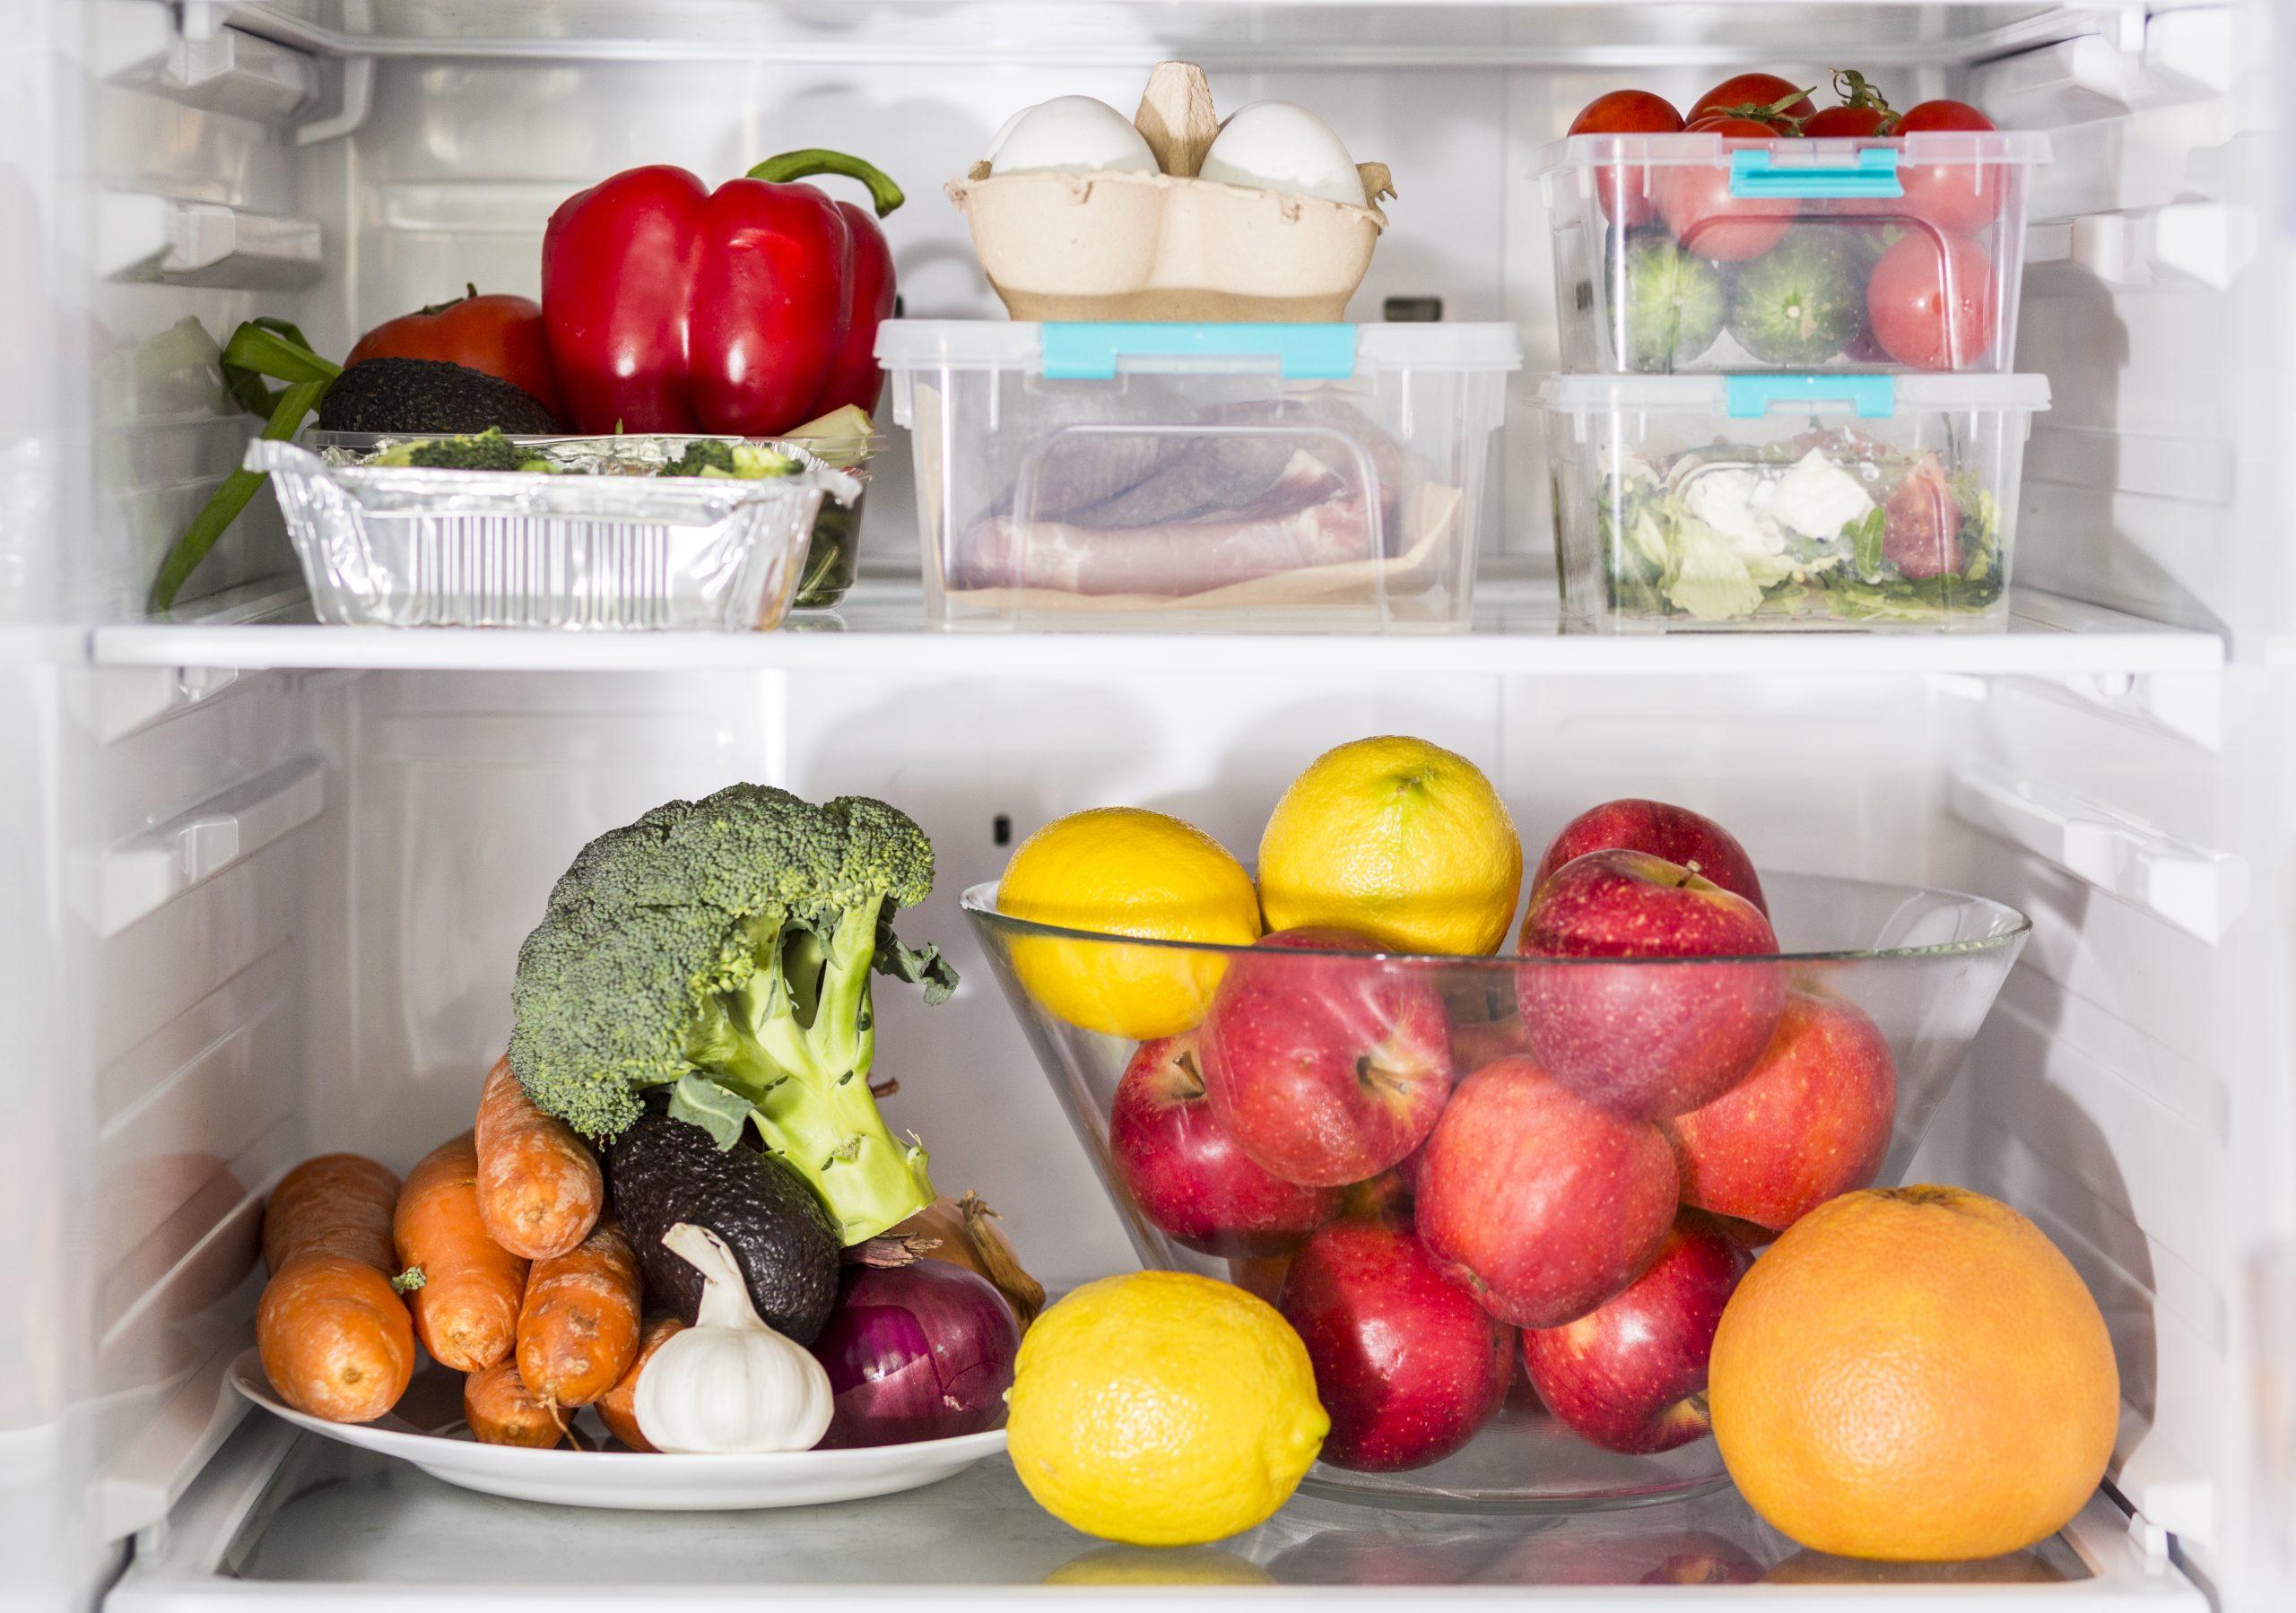 Jak prawidłowo przechowywać żywność w lodówce?